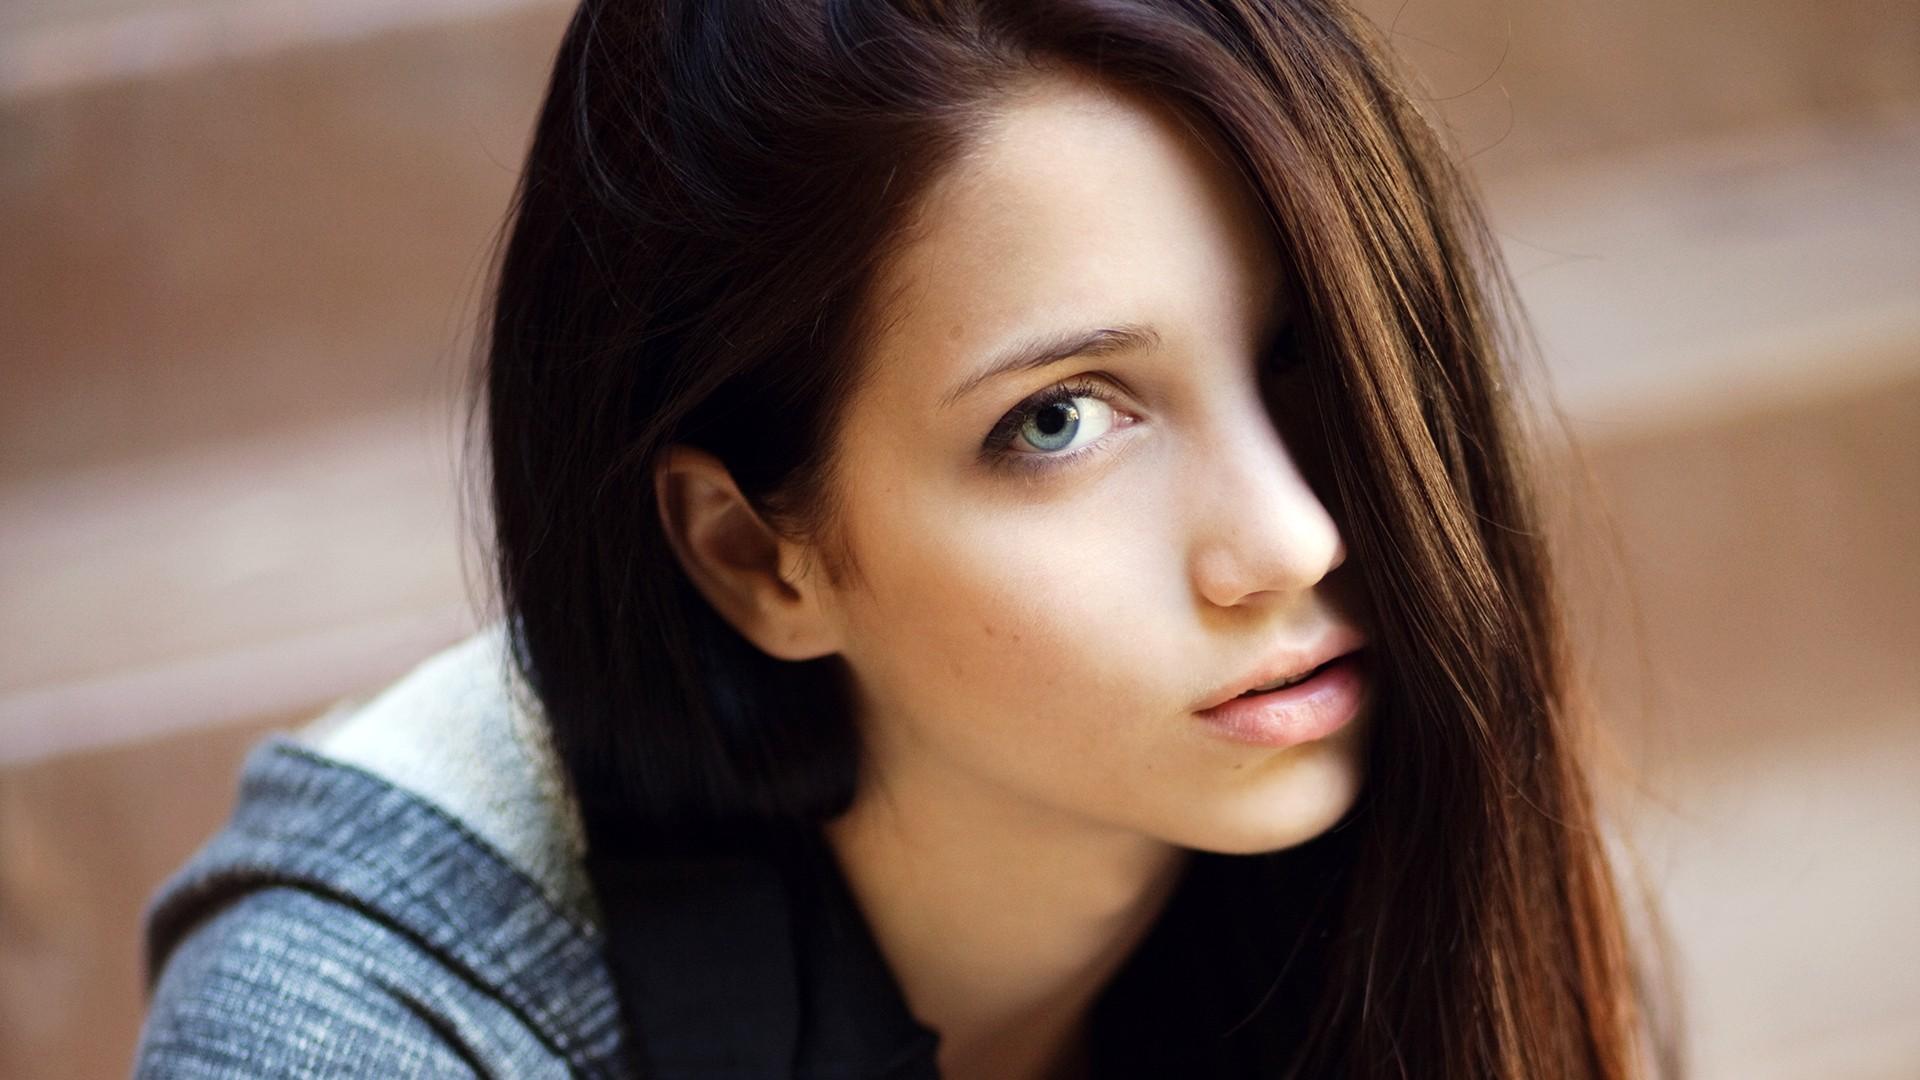 Фото одной и той же красивой девушки модели